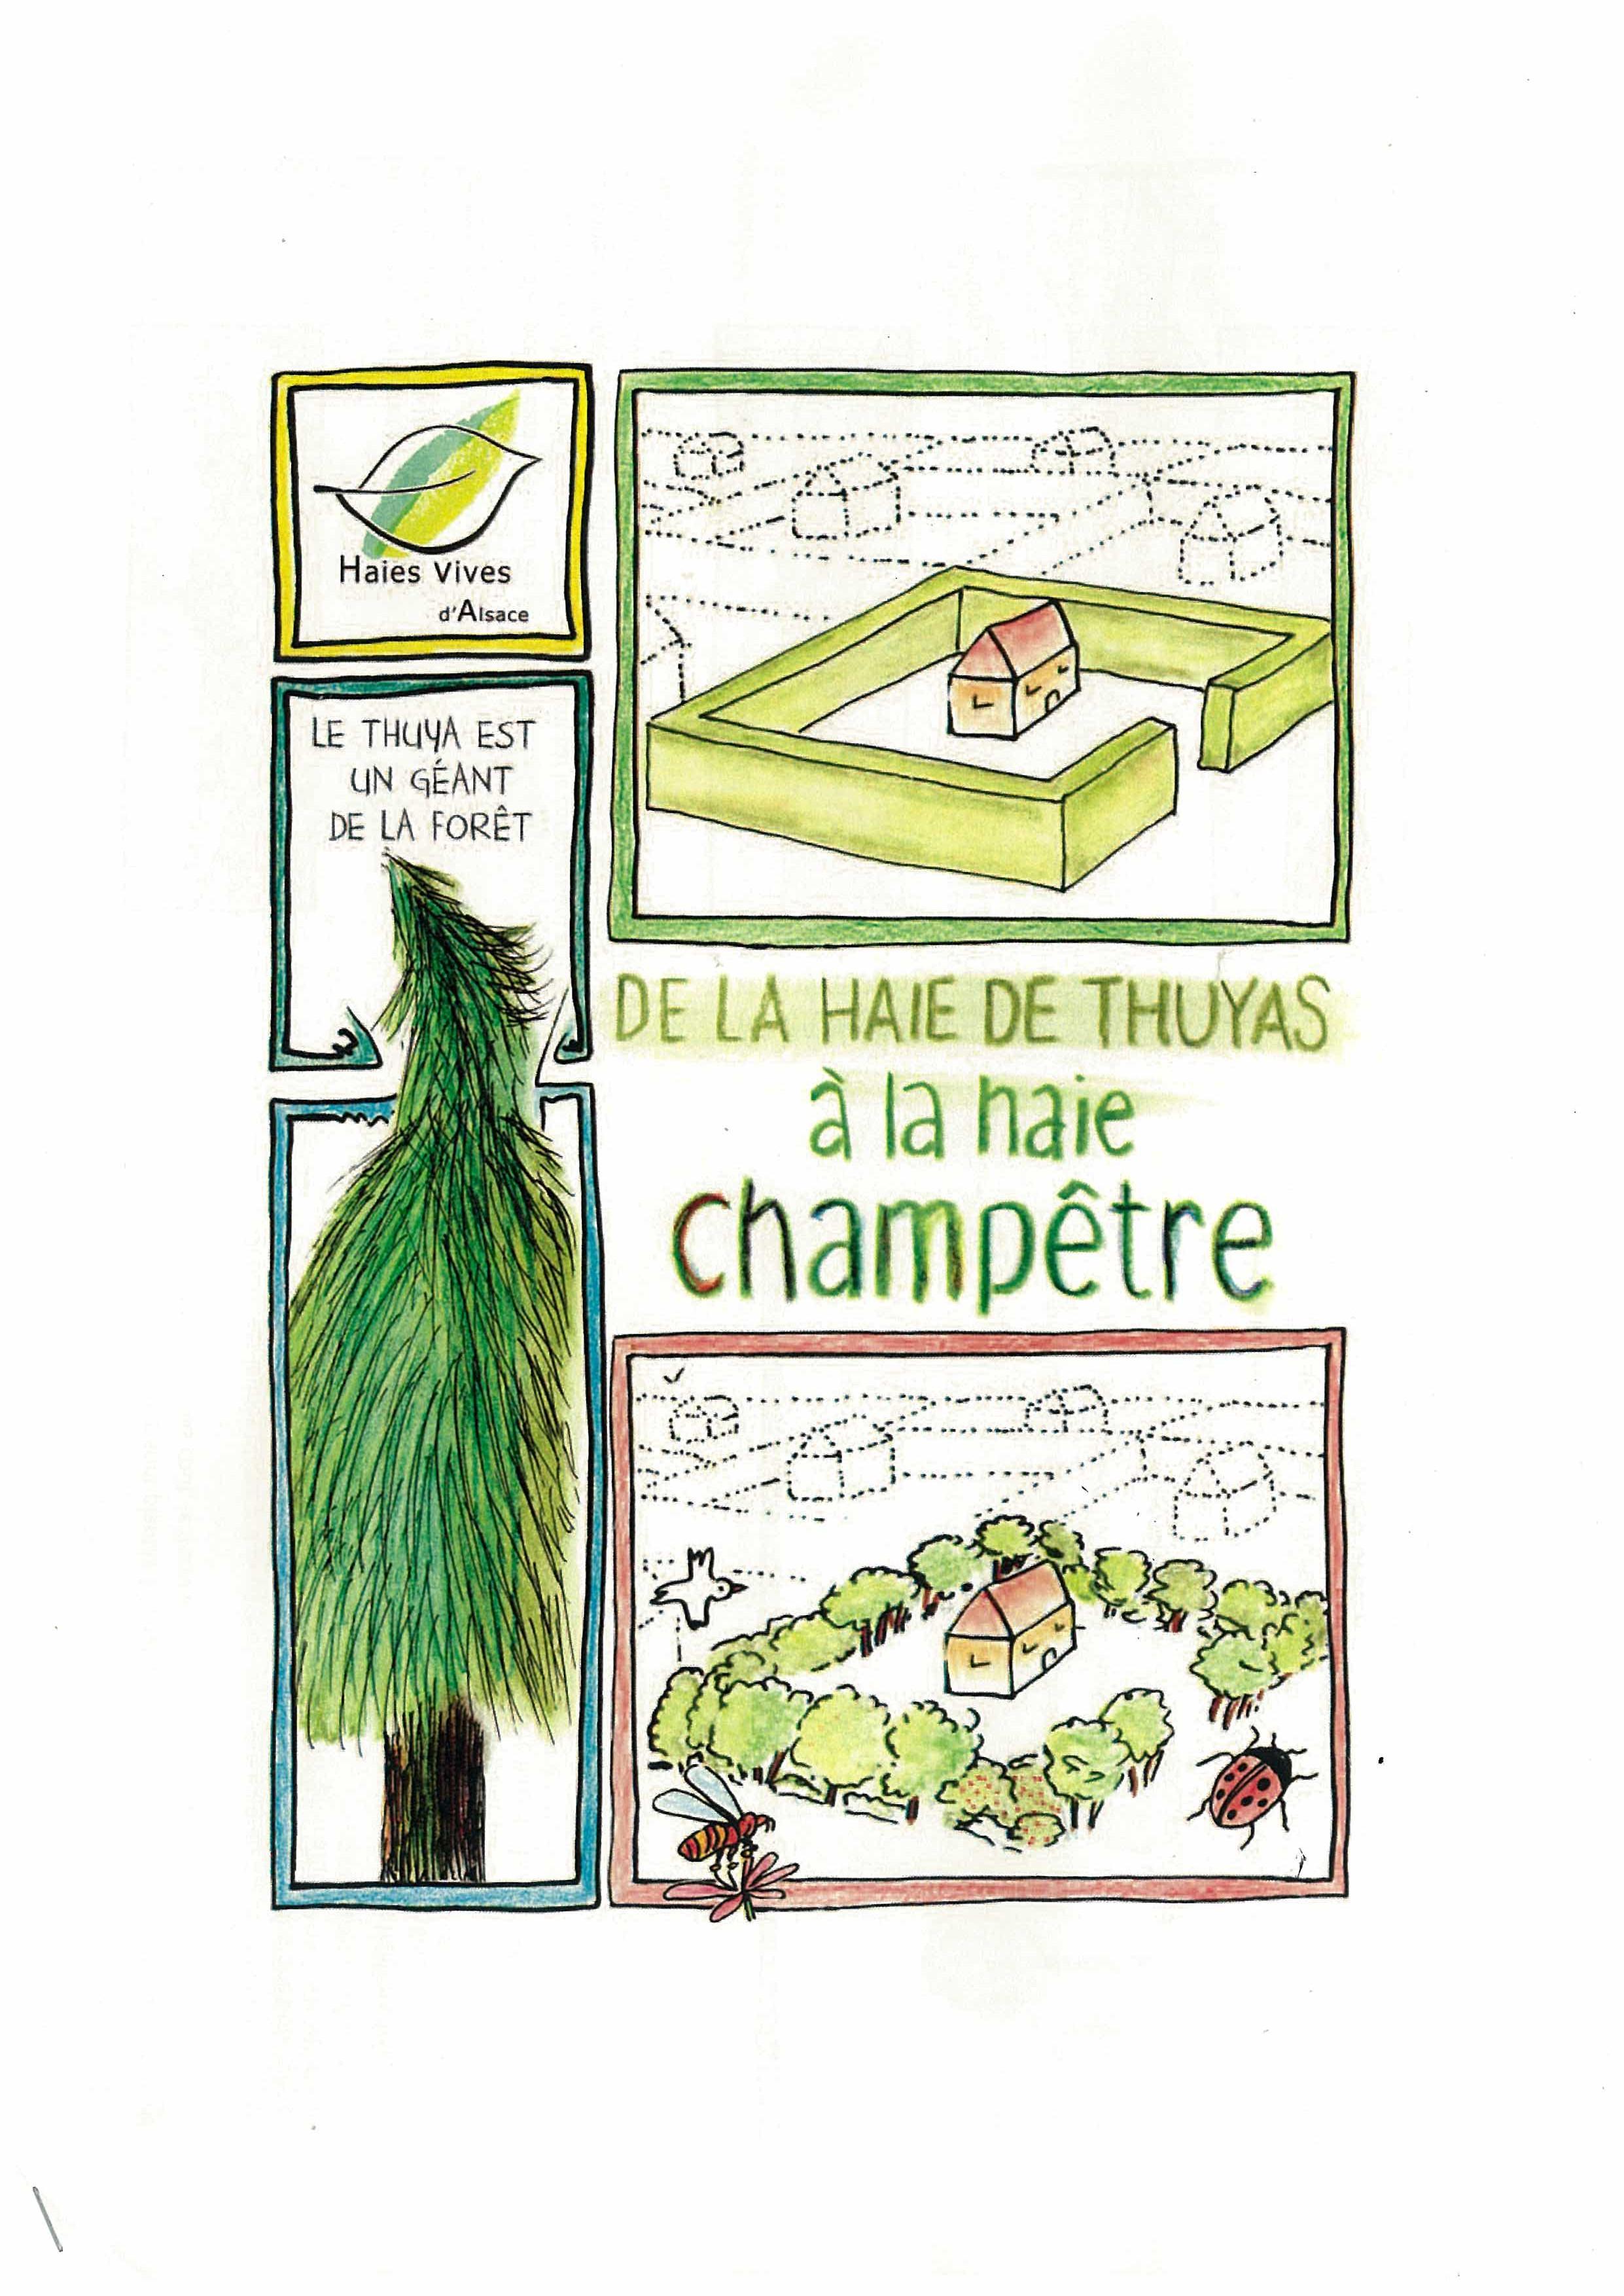 Passer du thuya la haie champ tre mode d emploi prom 39 haies en nouvelle aquitaine - Maladie des thuyas ...